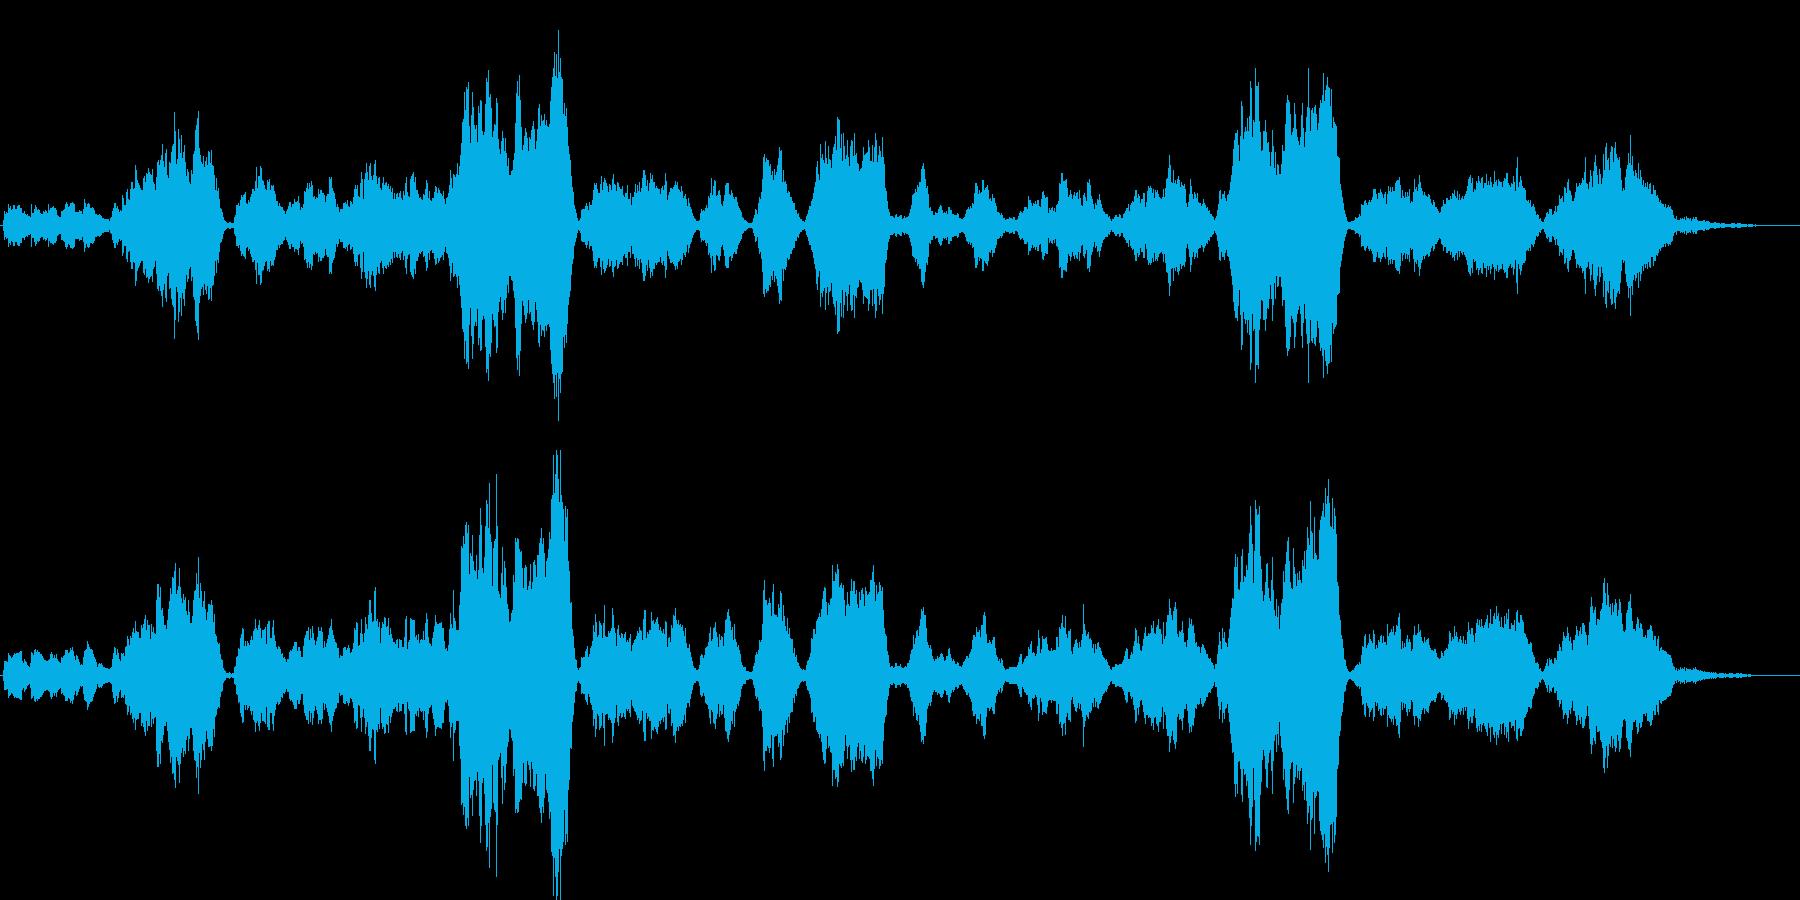 「庭の千草」の小編成の管弦楽アレンジの再生済みの波形